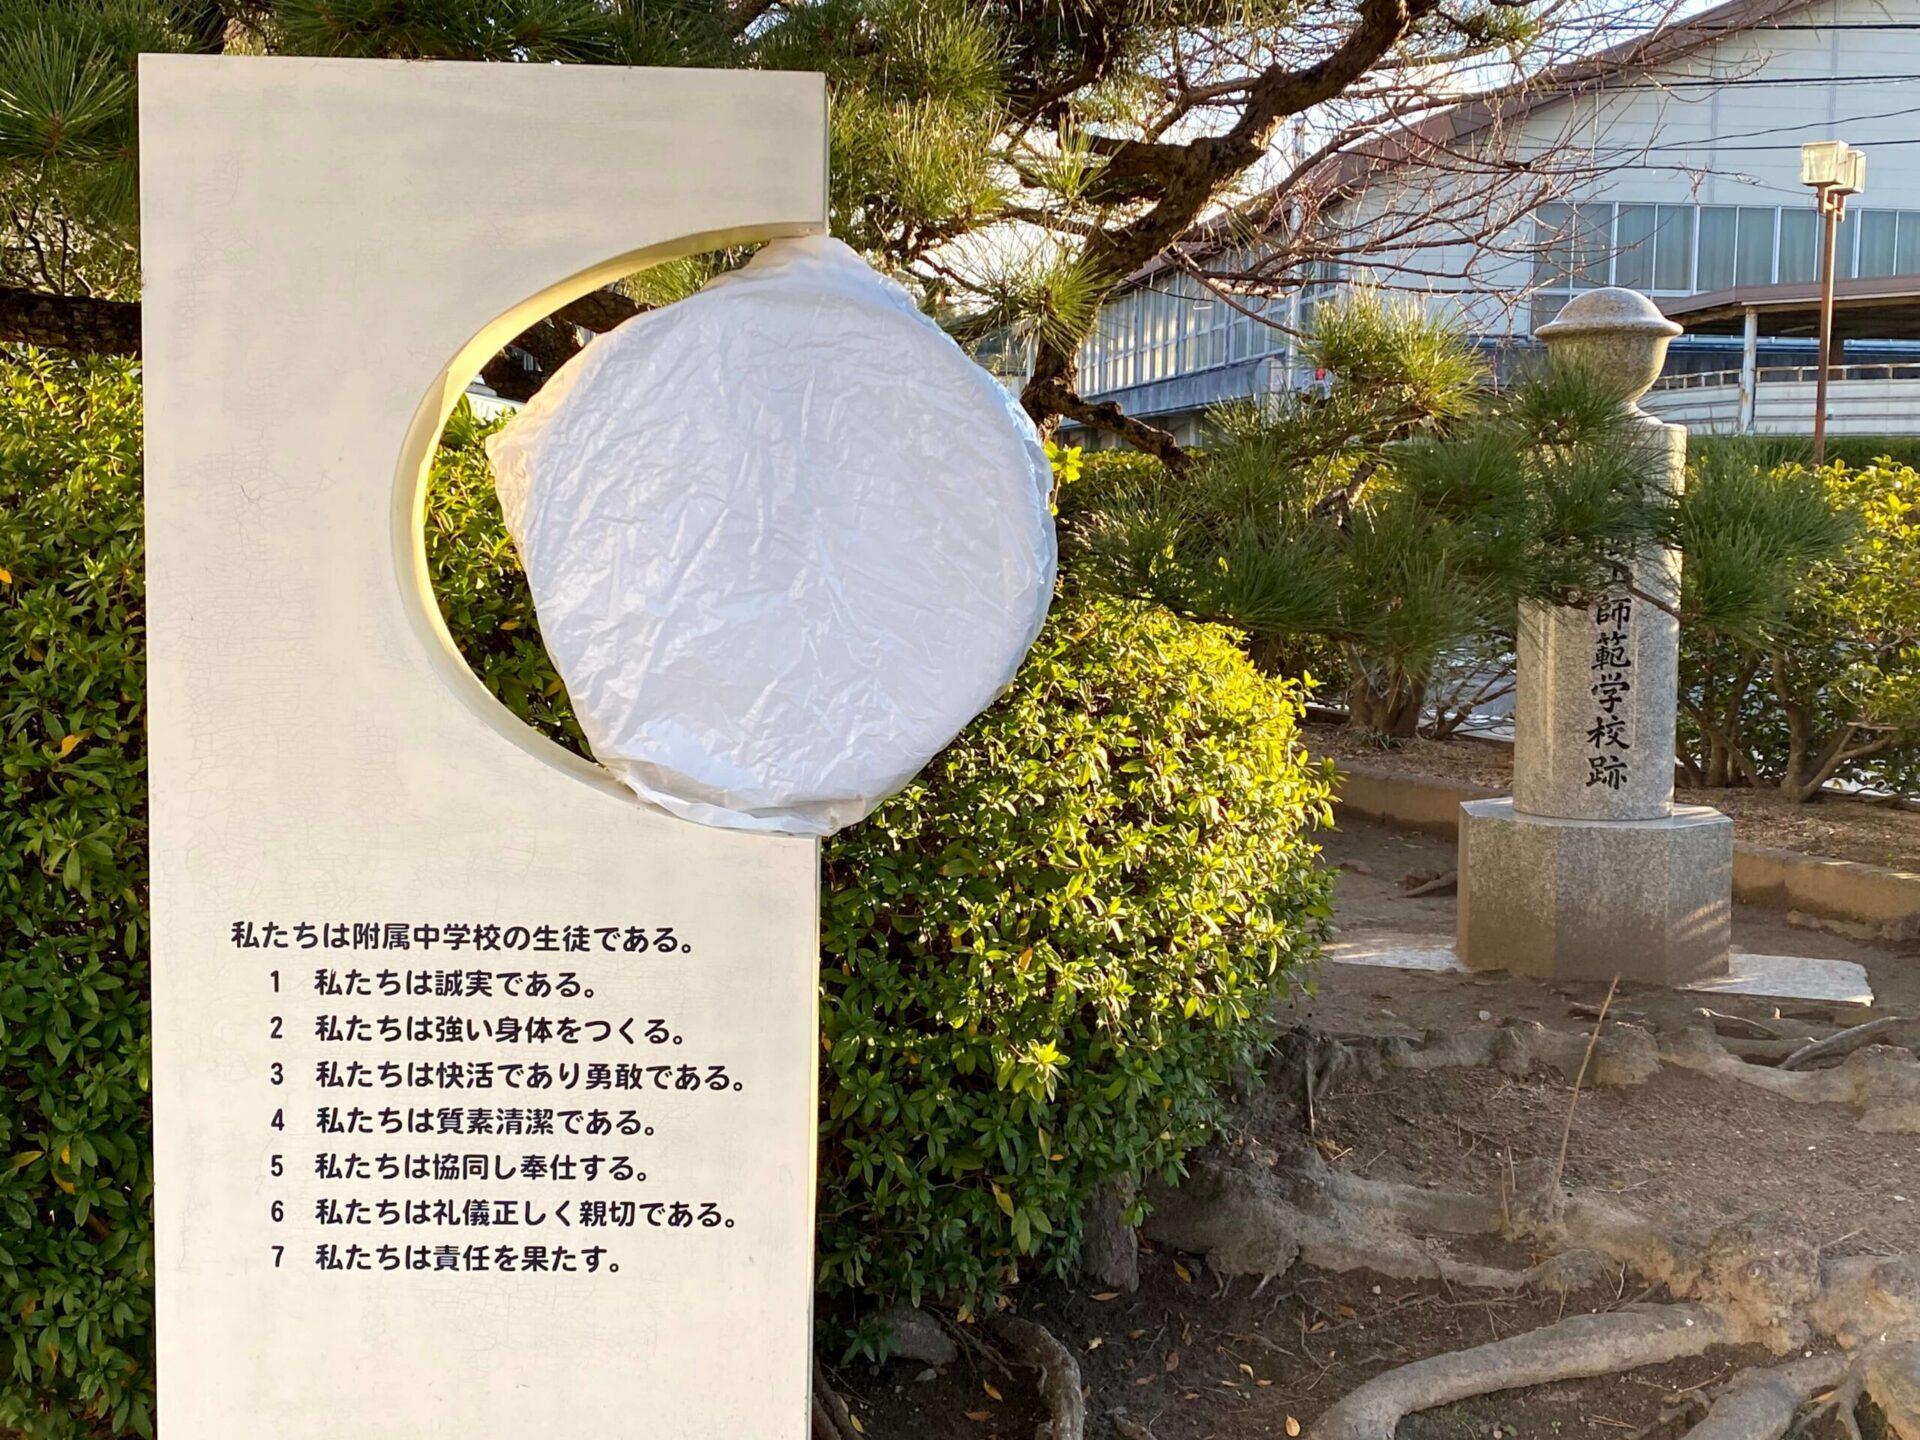 岡山大学教育学部付属中学校